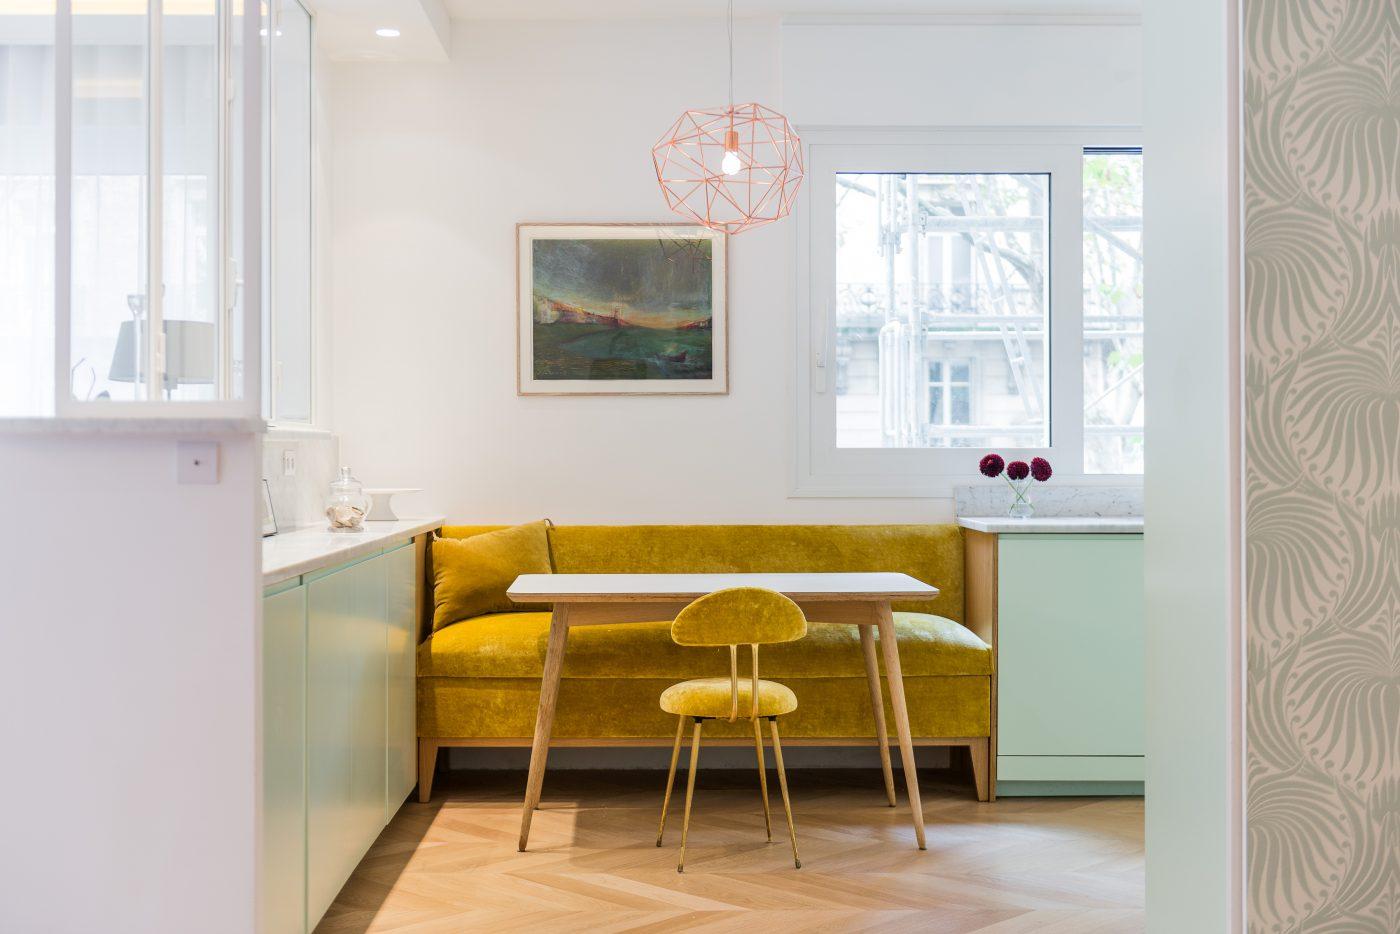 Décoration paris appartement - Marion Alberge